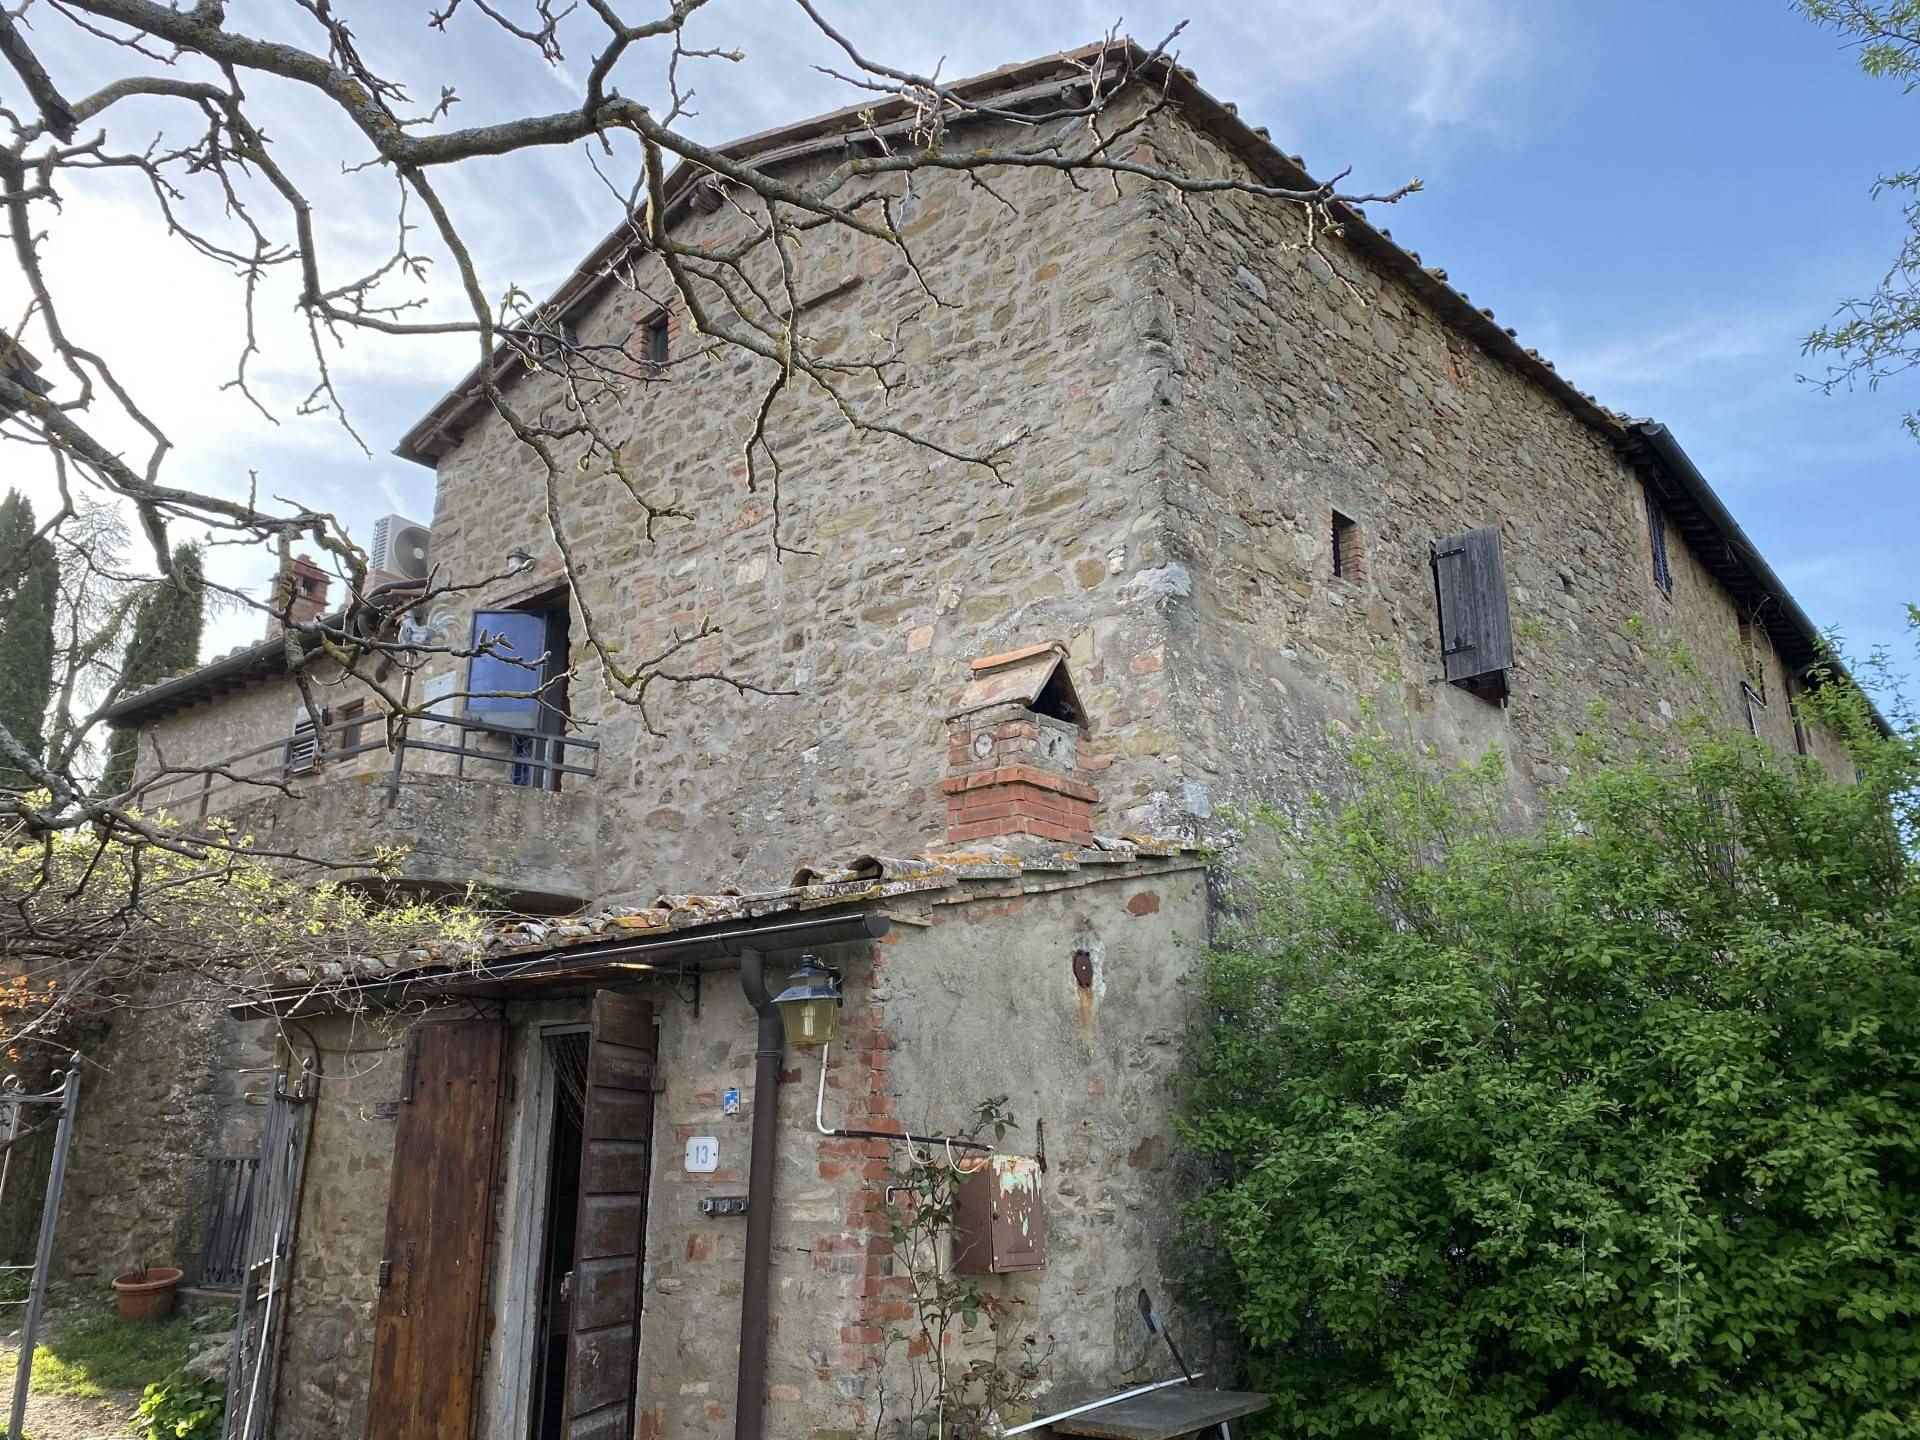 In un caratteristico borghetto del Chianti, piccolo terra tetto in pietra composto da due bilocali, attualmente non collegati, ognuno dotato del suo